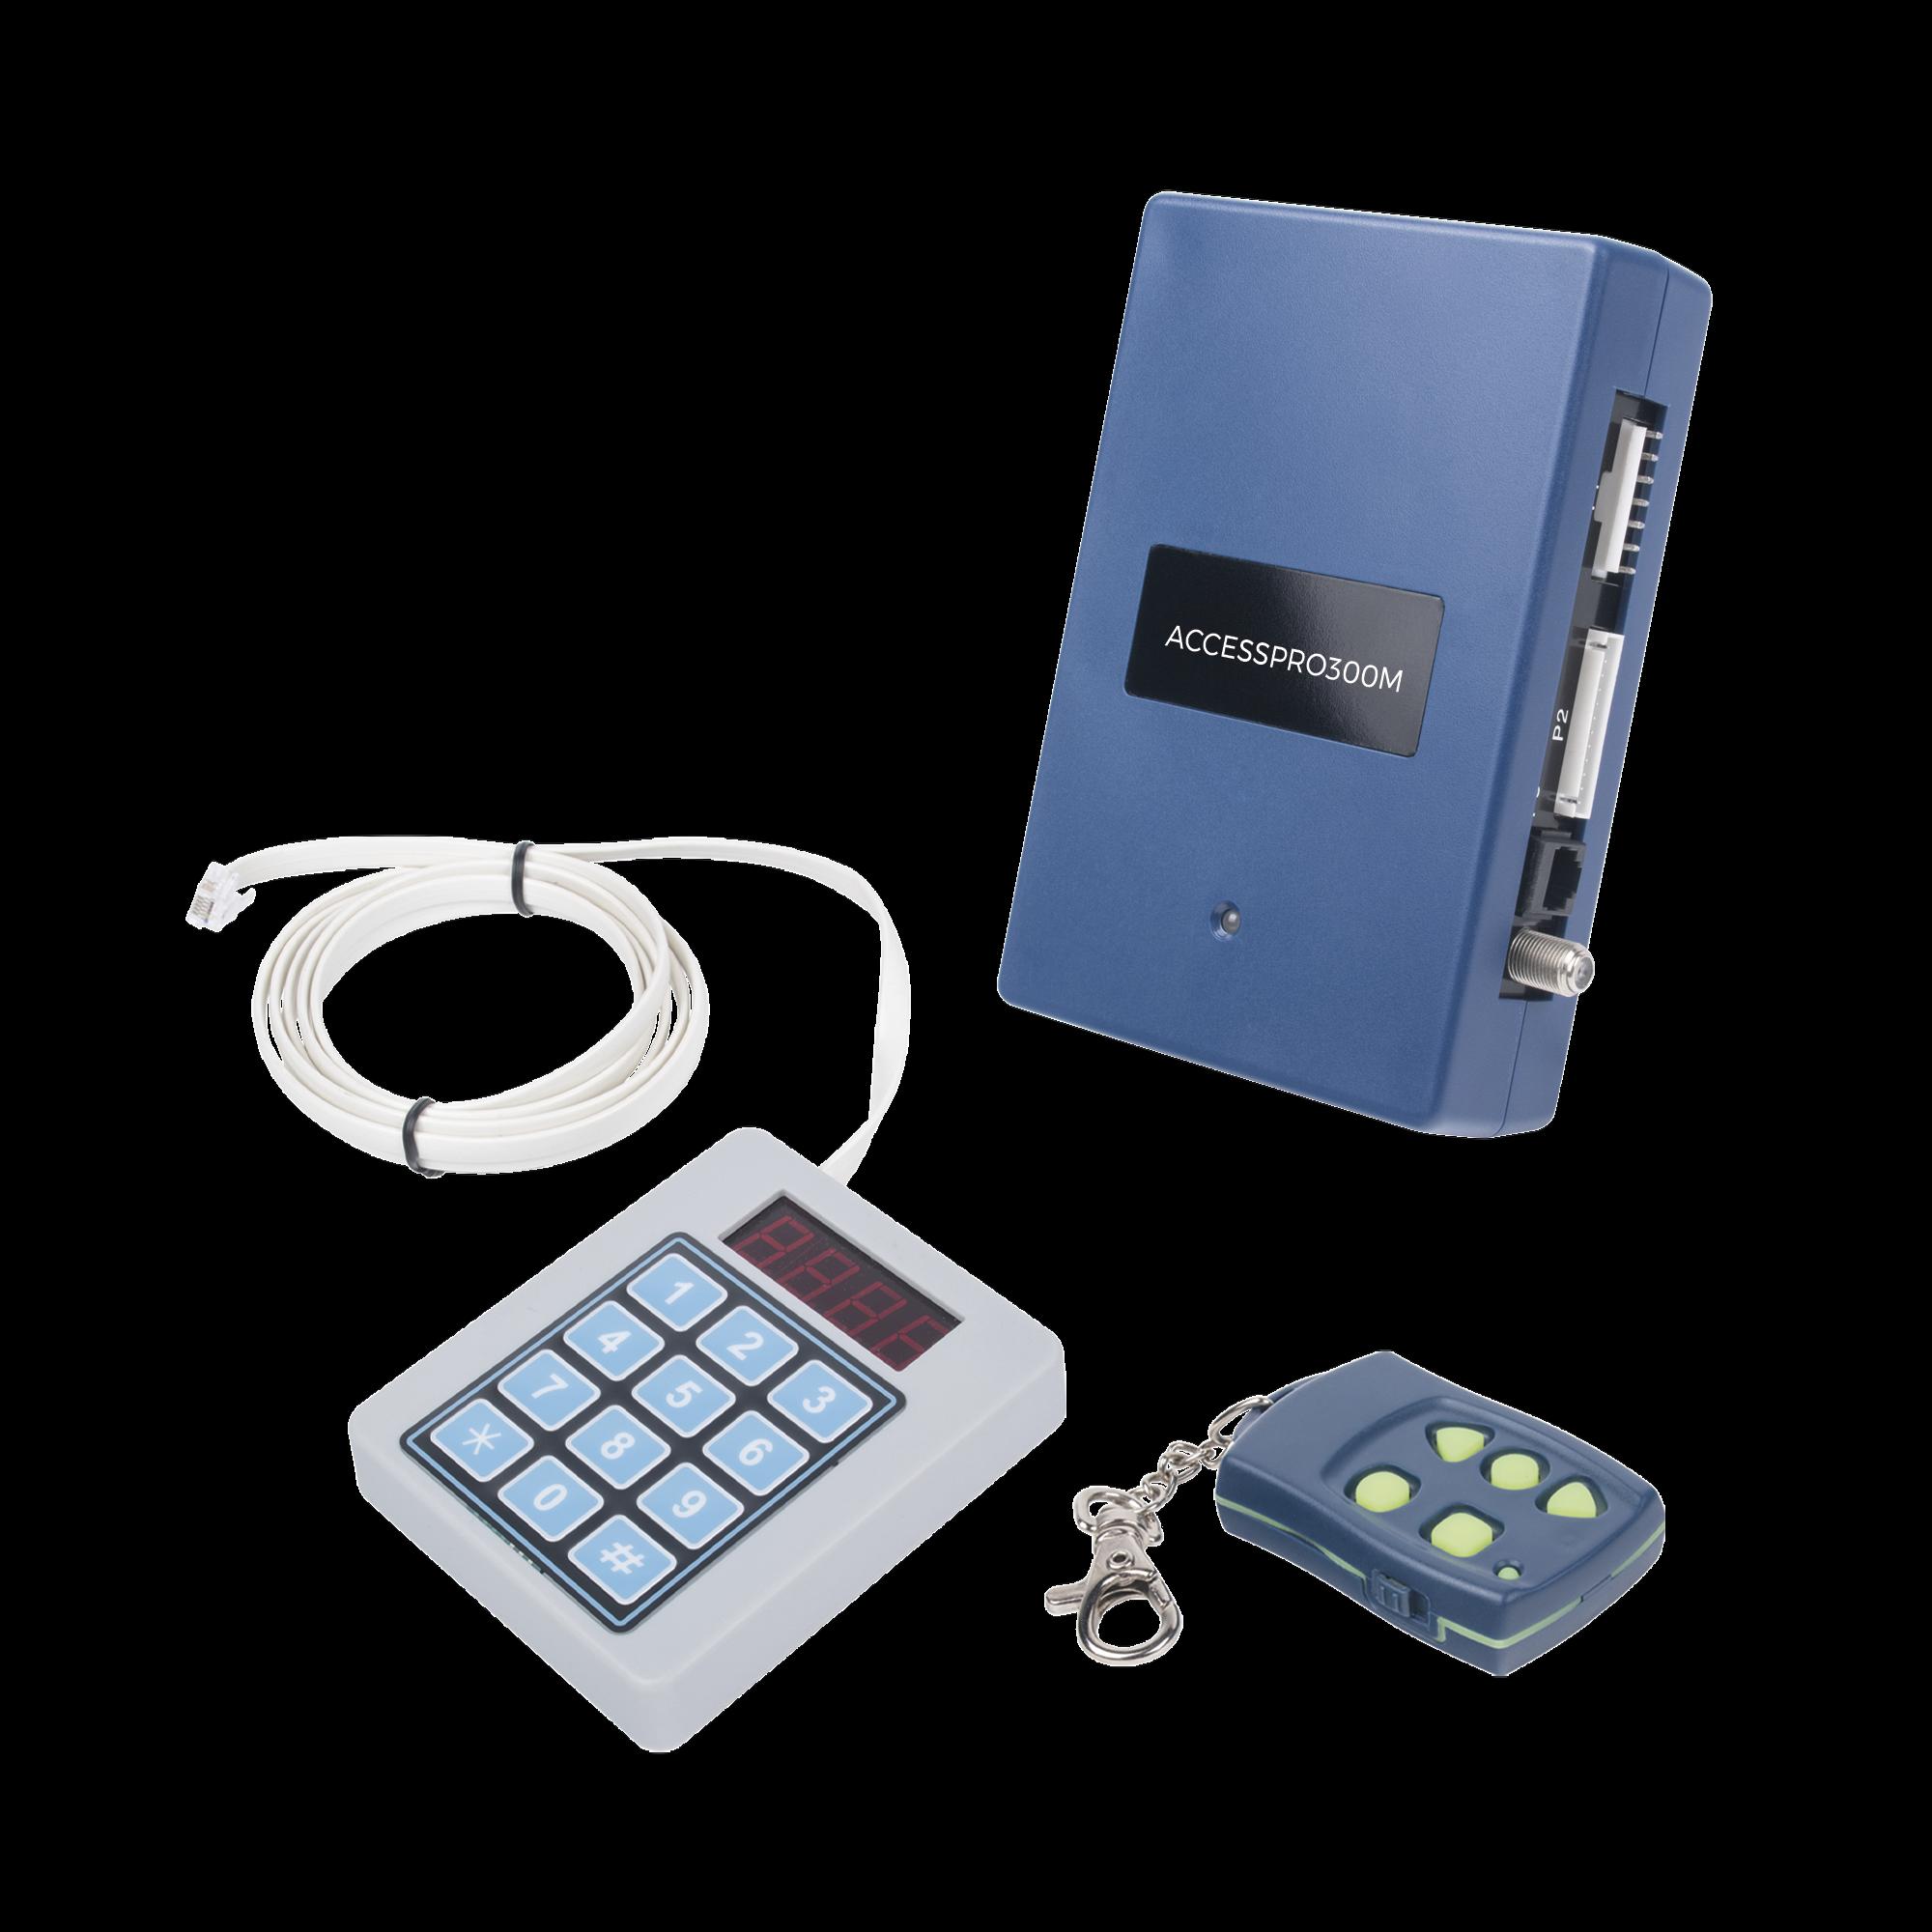 Receptor Inalambrico Universal Administrable por Software, Hasta 1600 controles de usuarios, compatible con Barreras y Motores de puertas